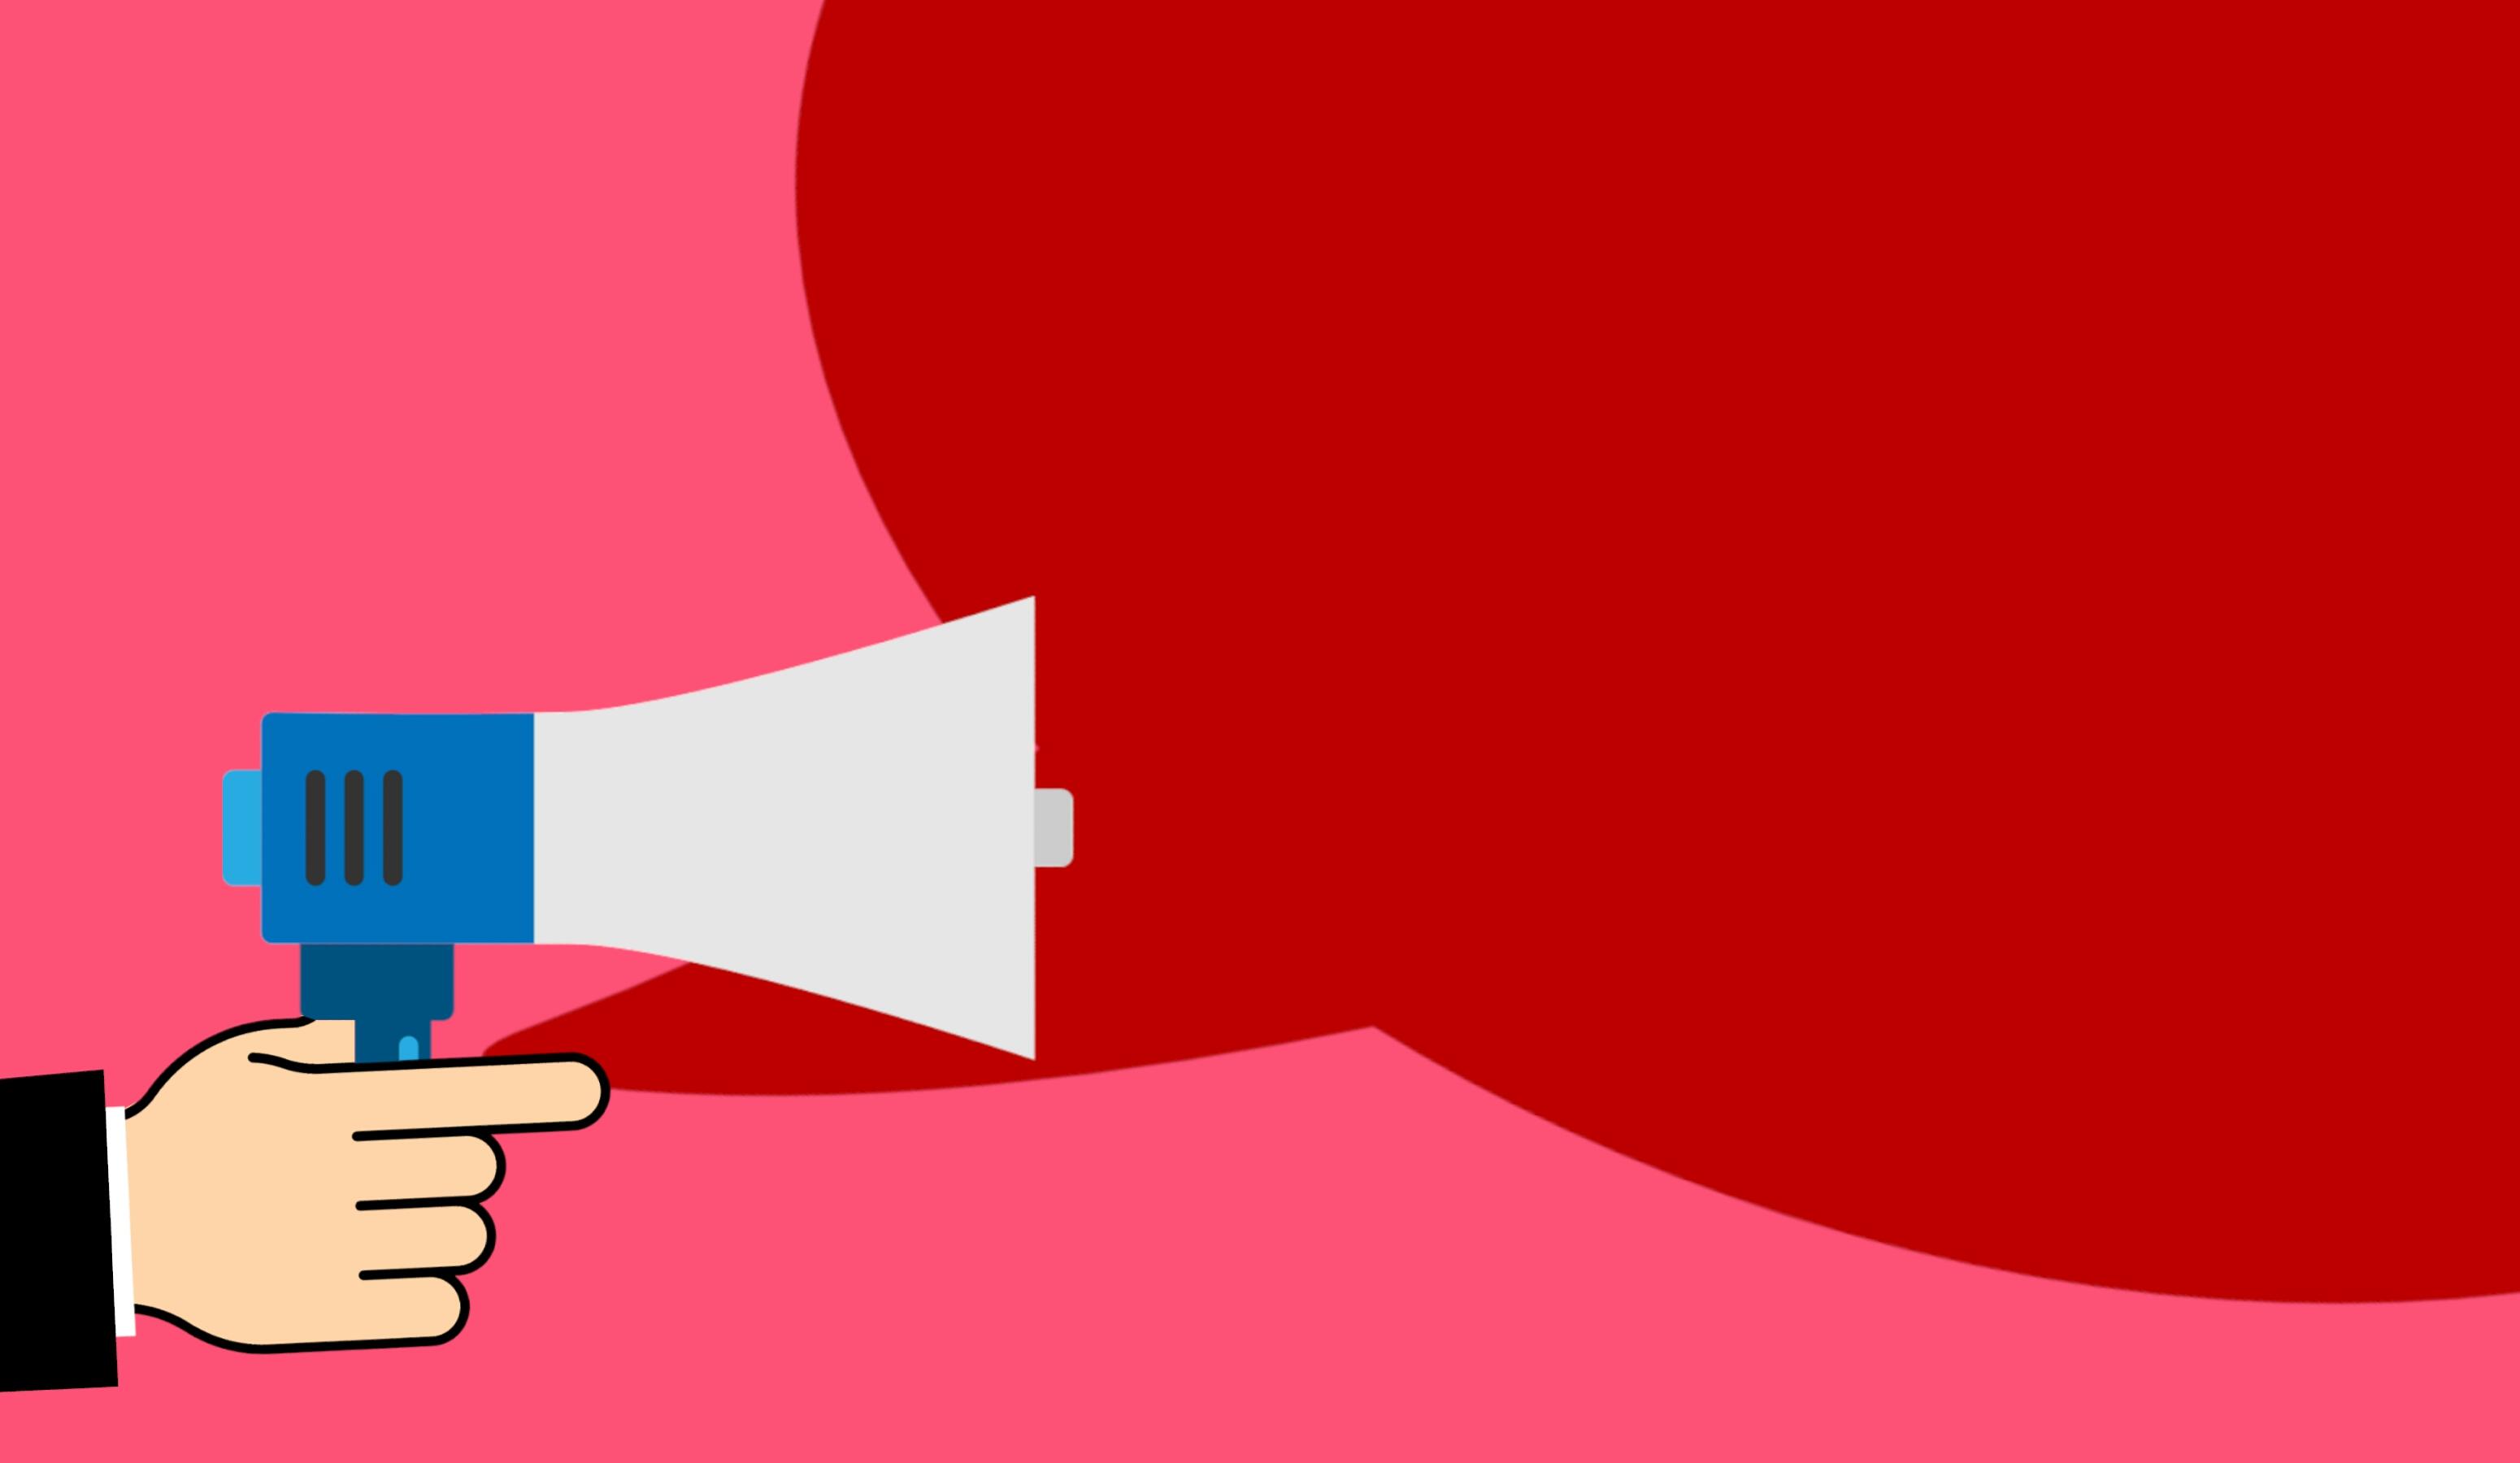 publicité Conseil annoncer bulle la communication Entreprise information direction commercialisation Mégaphone message public Parlant discours parlant